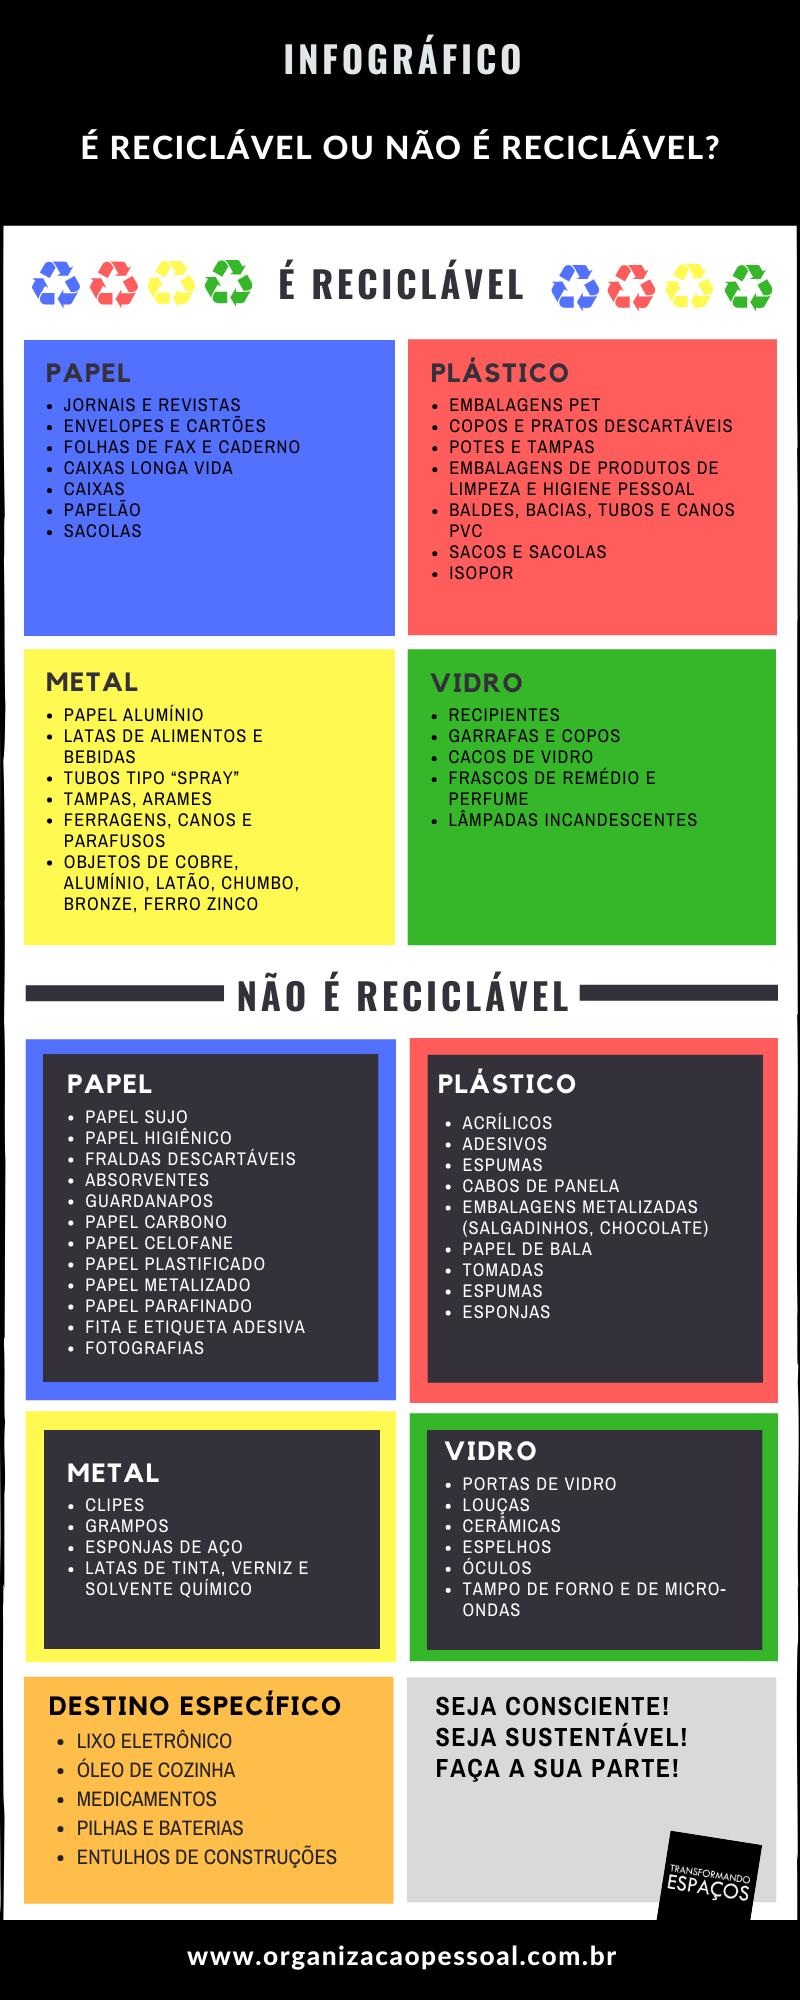 Infográfico - é reciclável ou não é reciclável